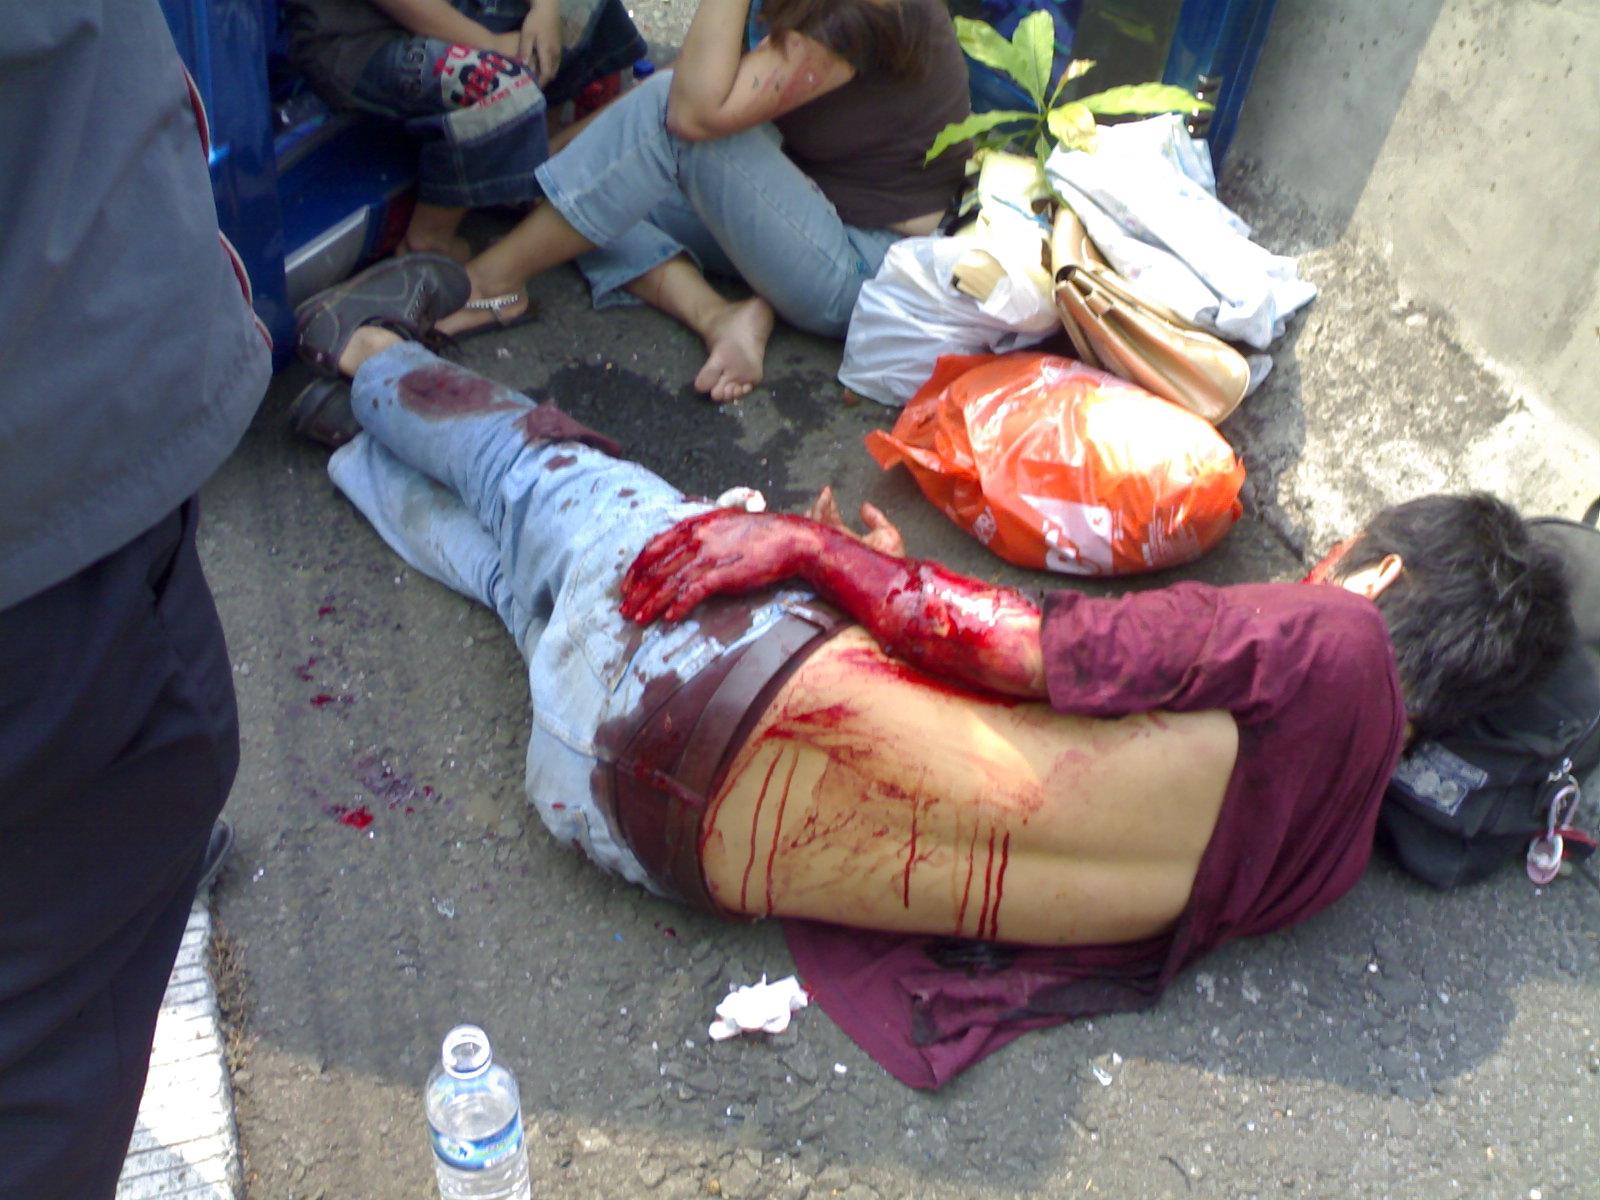 inilah foto foto korban dari kecelakaan lalu lintas